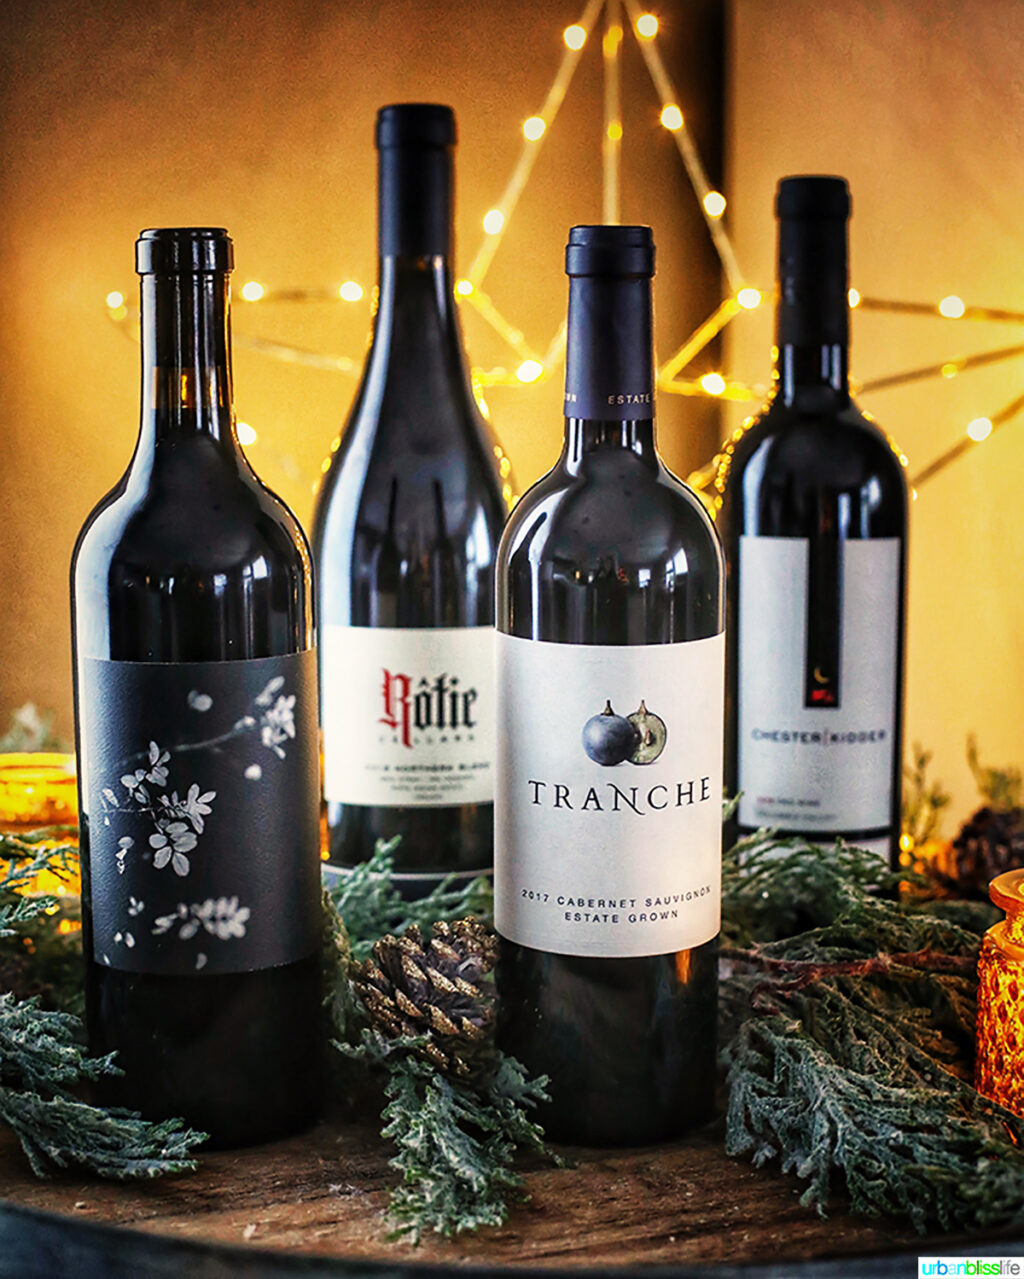 Walla Walla wines